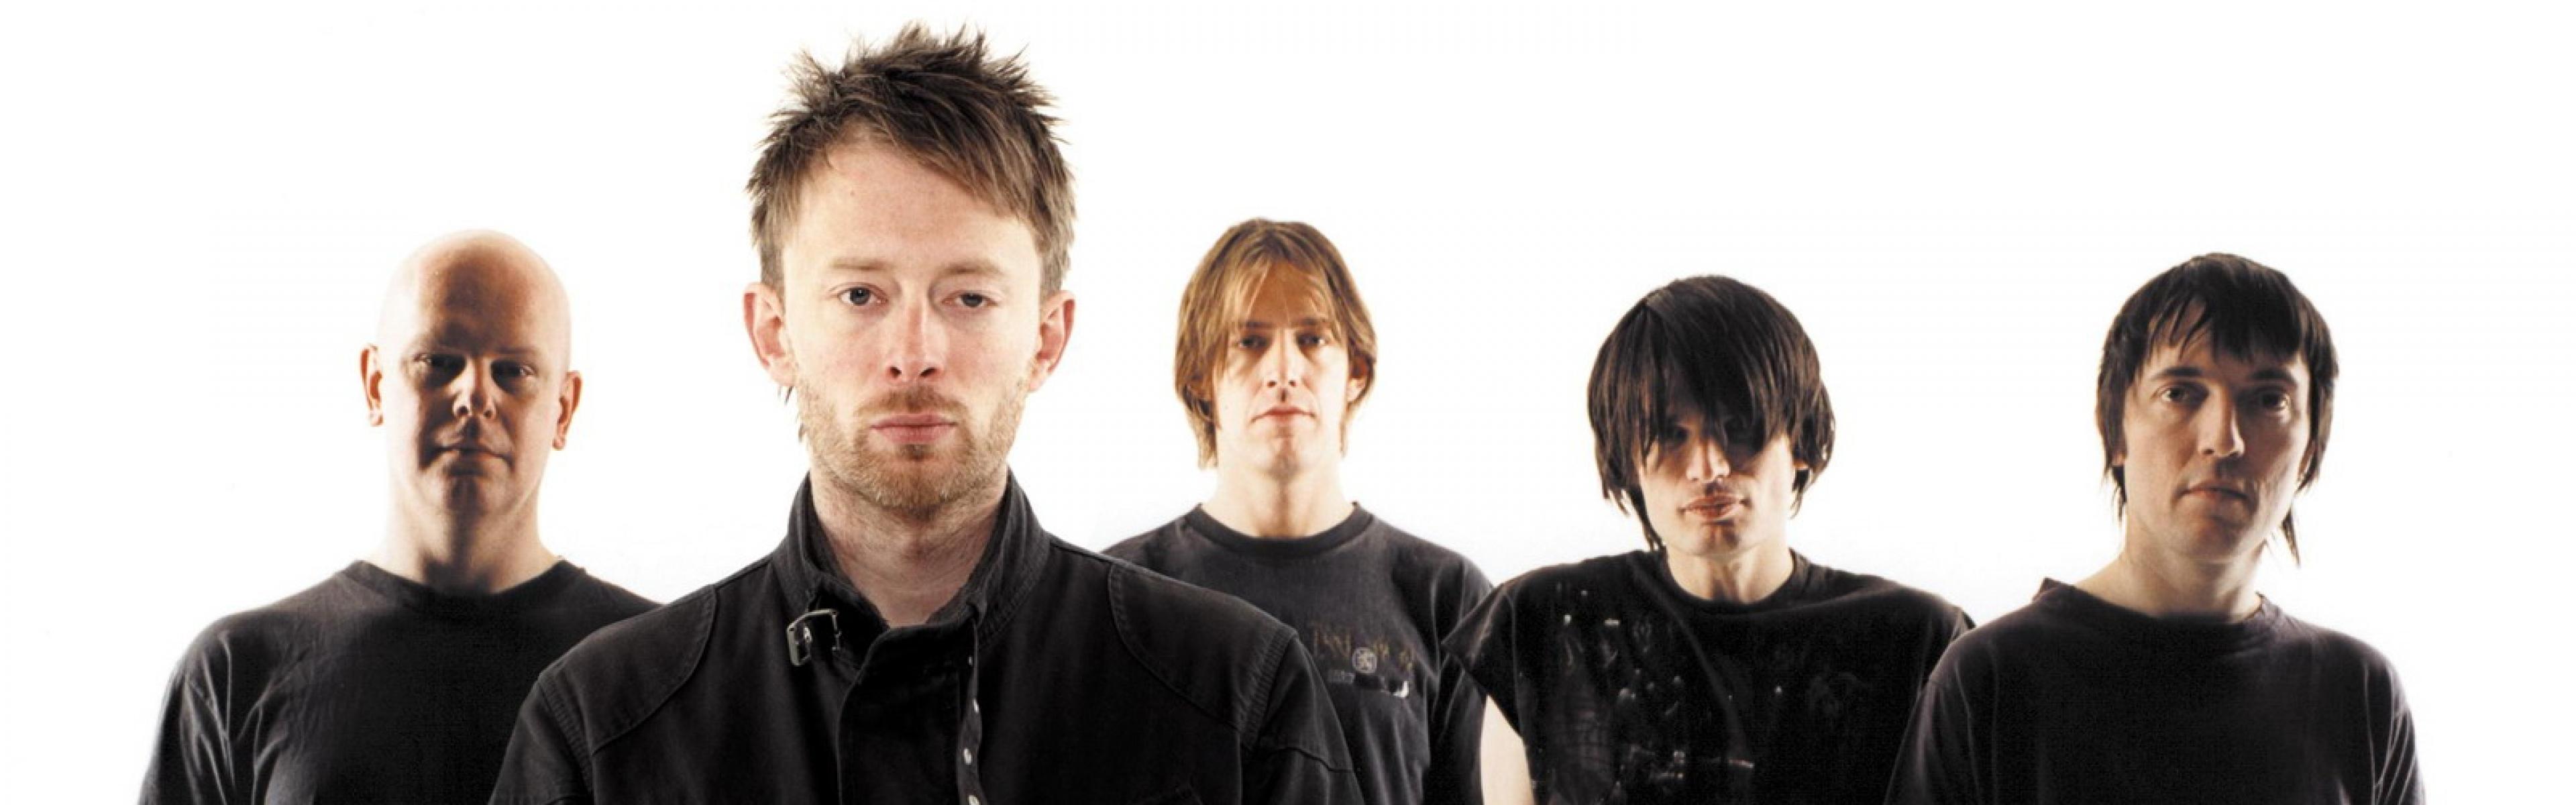 Nuevo disco de Radiohead ha sido confirmado para junio